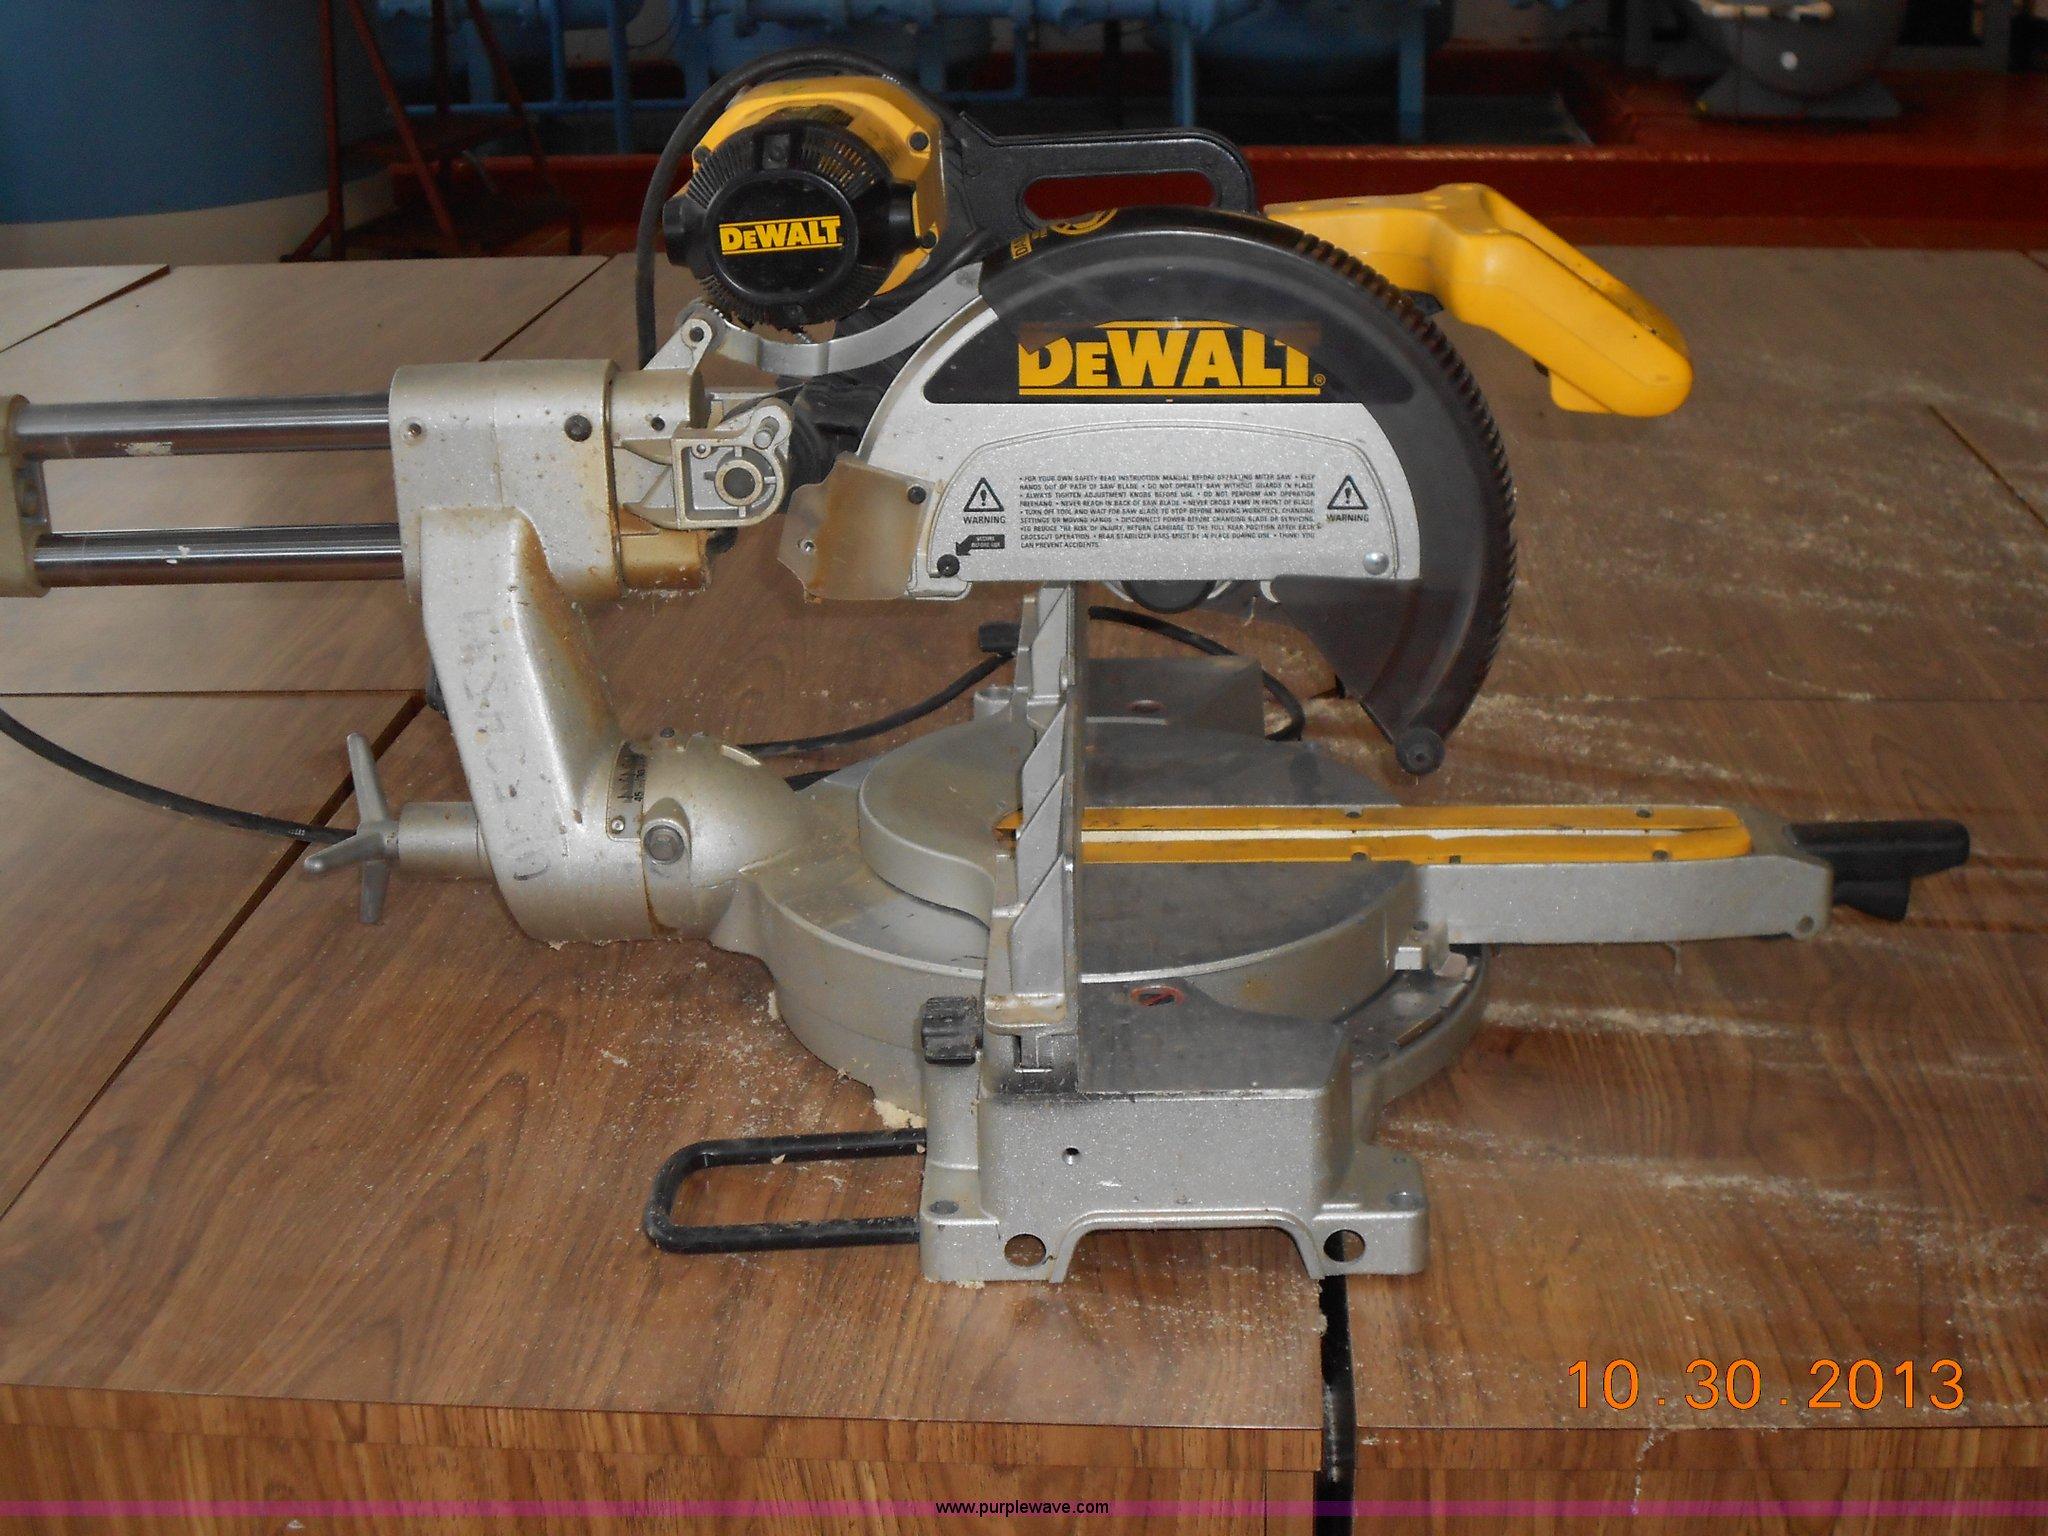 Dewalt Dw708 12 Sliding Compound Miter Saw In Winfield Ks Item C1642 Sold Purple Wave